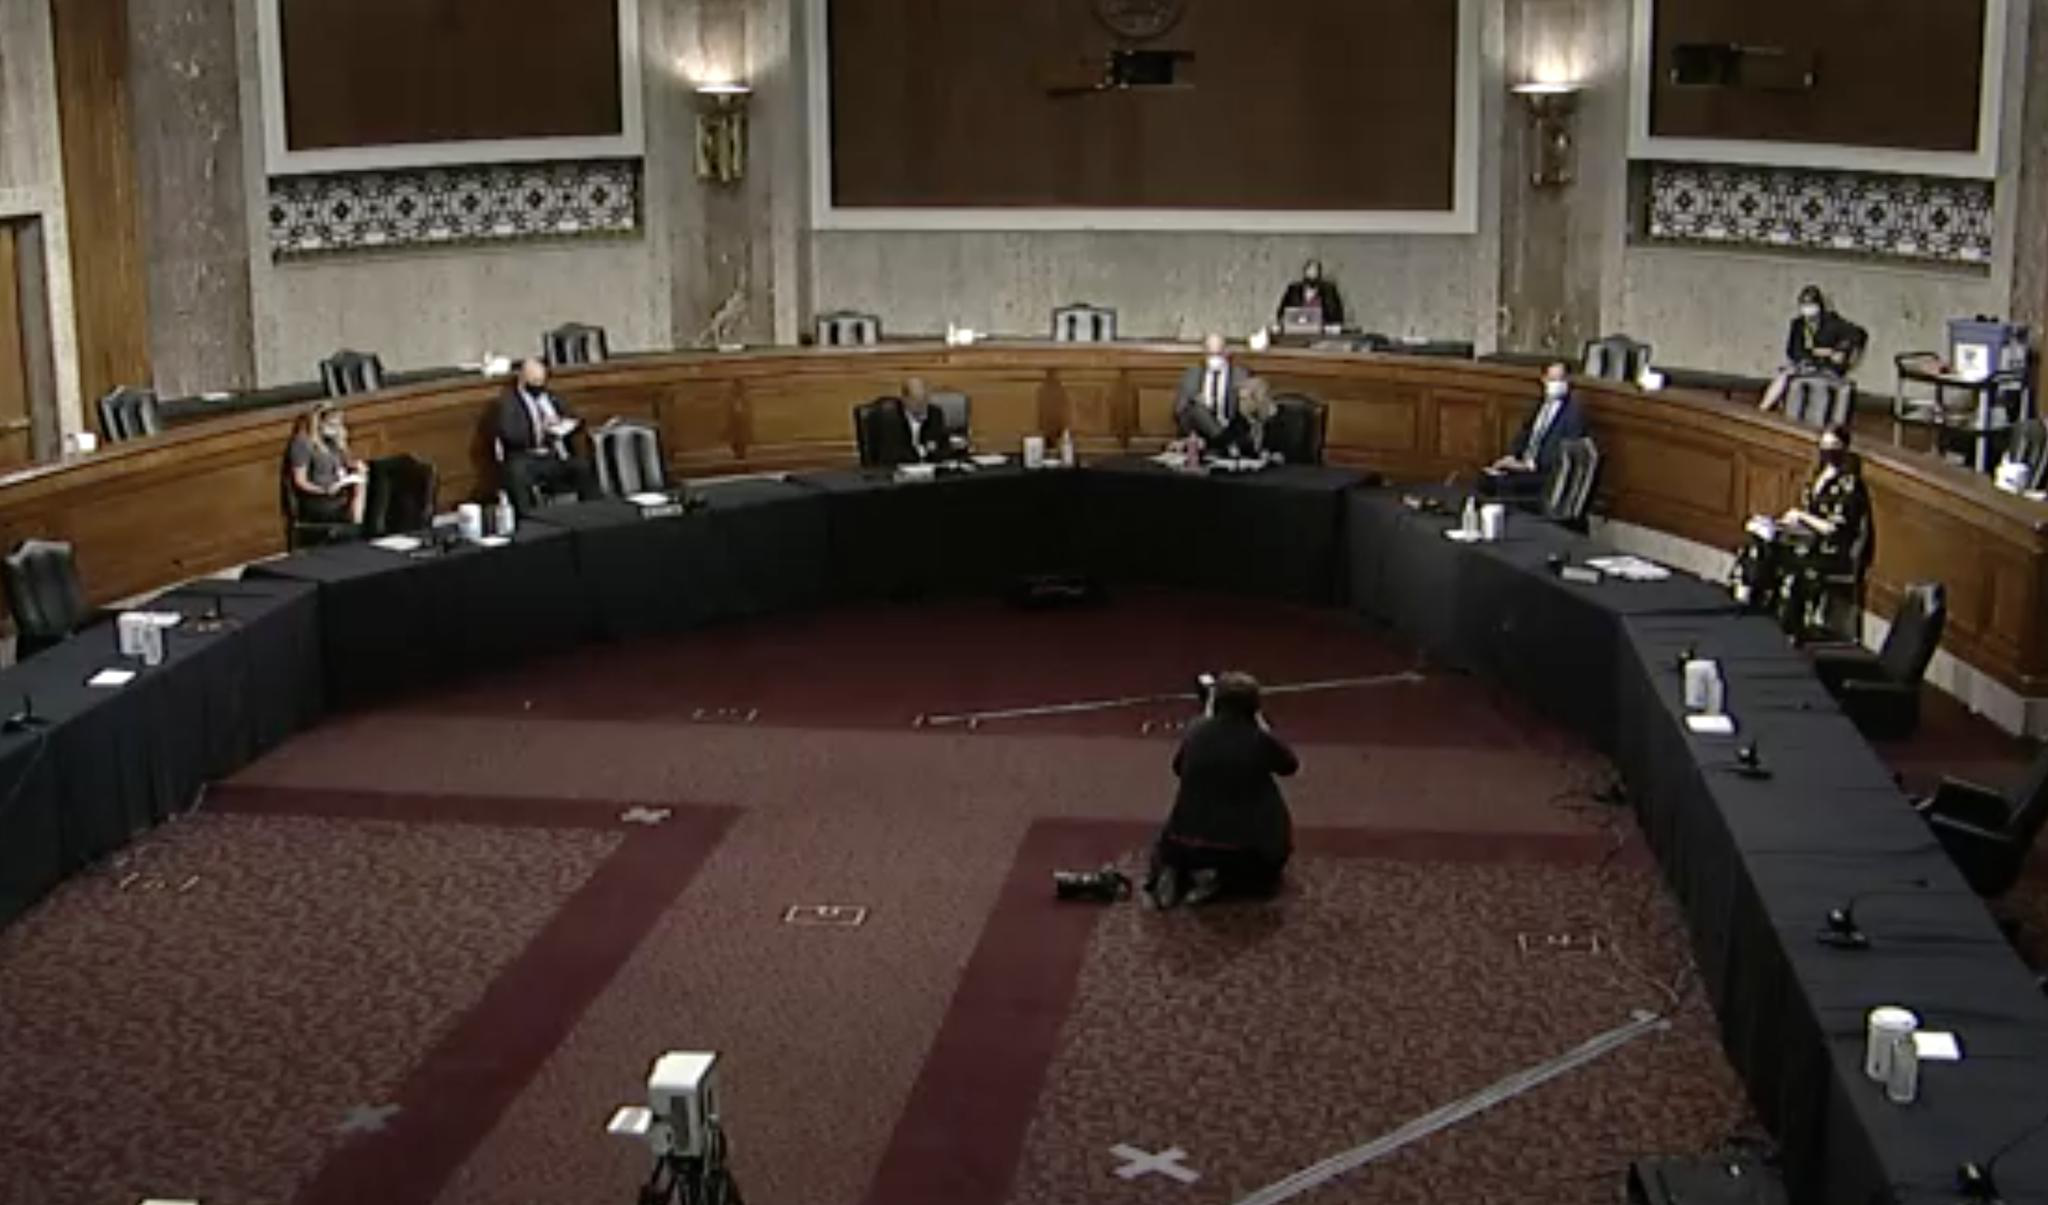 美国参议院军事委员会对2021年国防授权法案进行辩论 视频截图